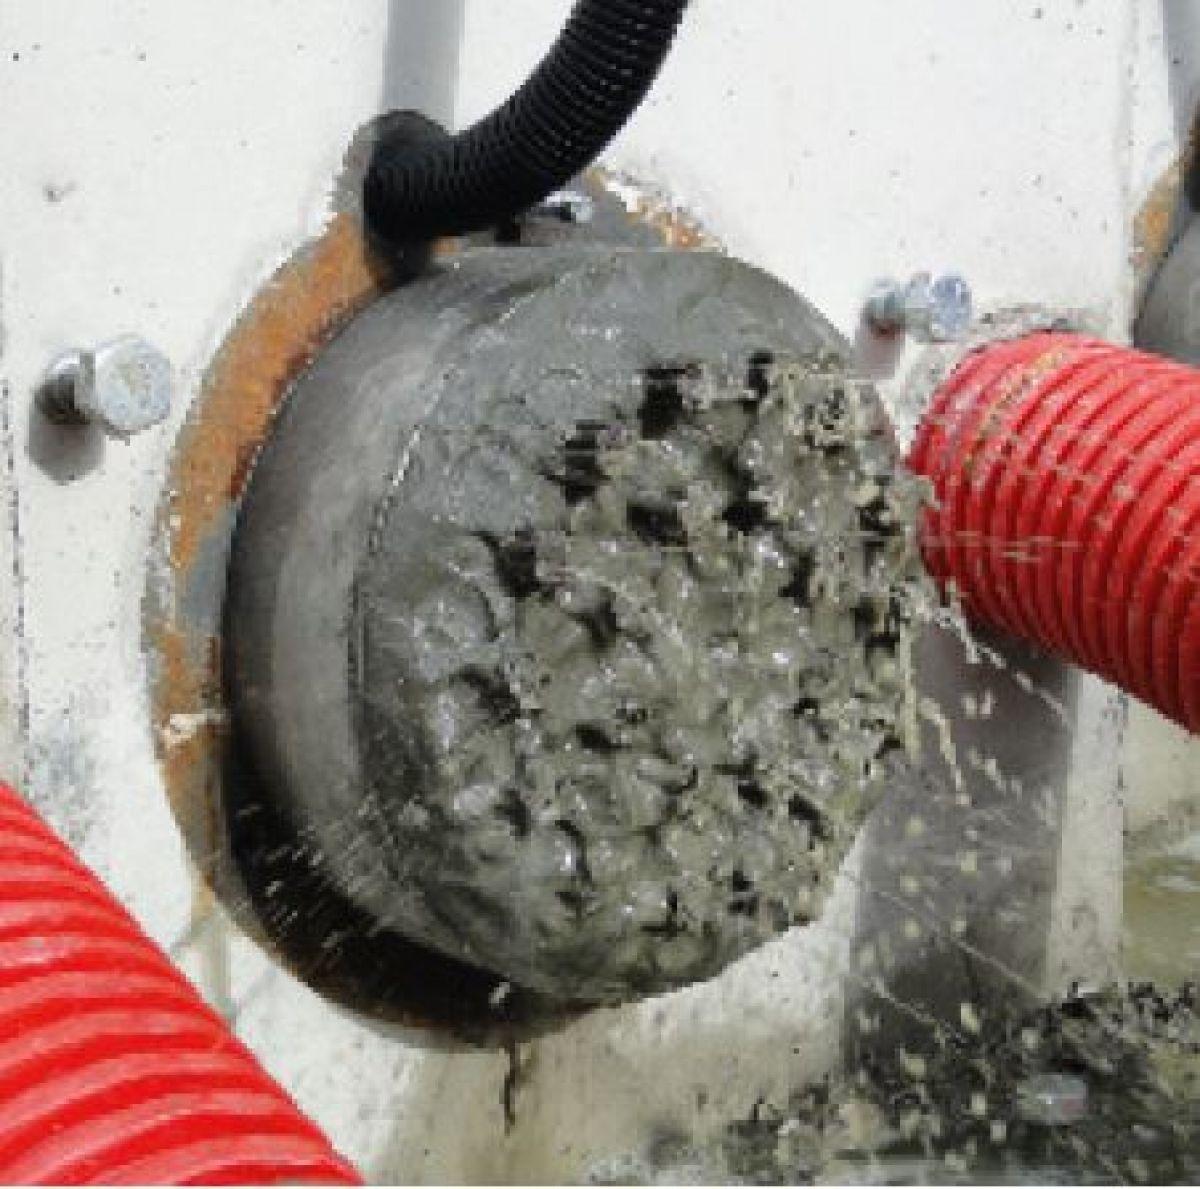 Injecteren van scheuren, naden en holle ruimten is vaak de meest geschikte                    reparatiemethode